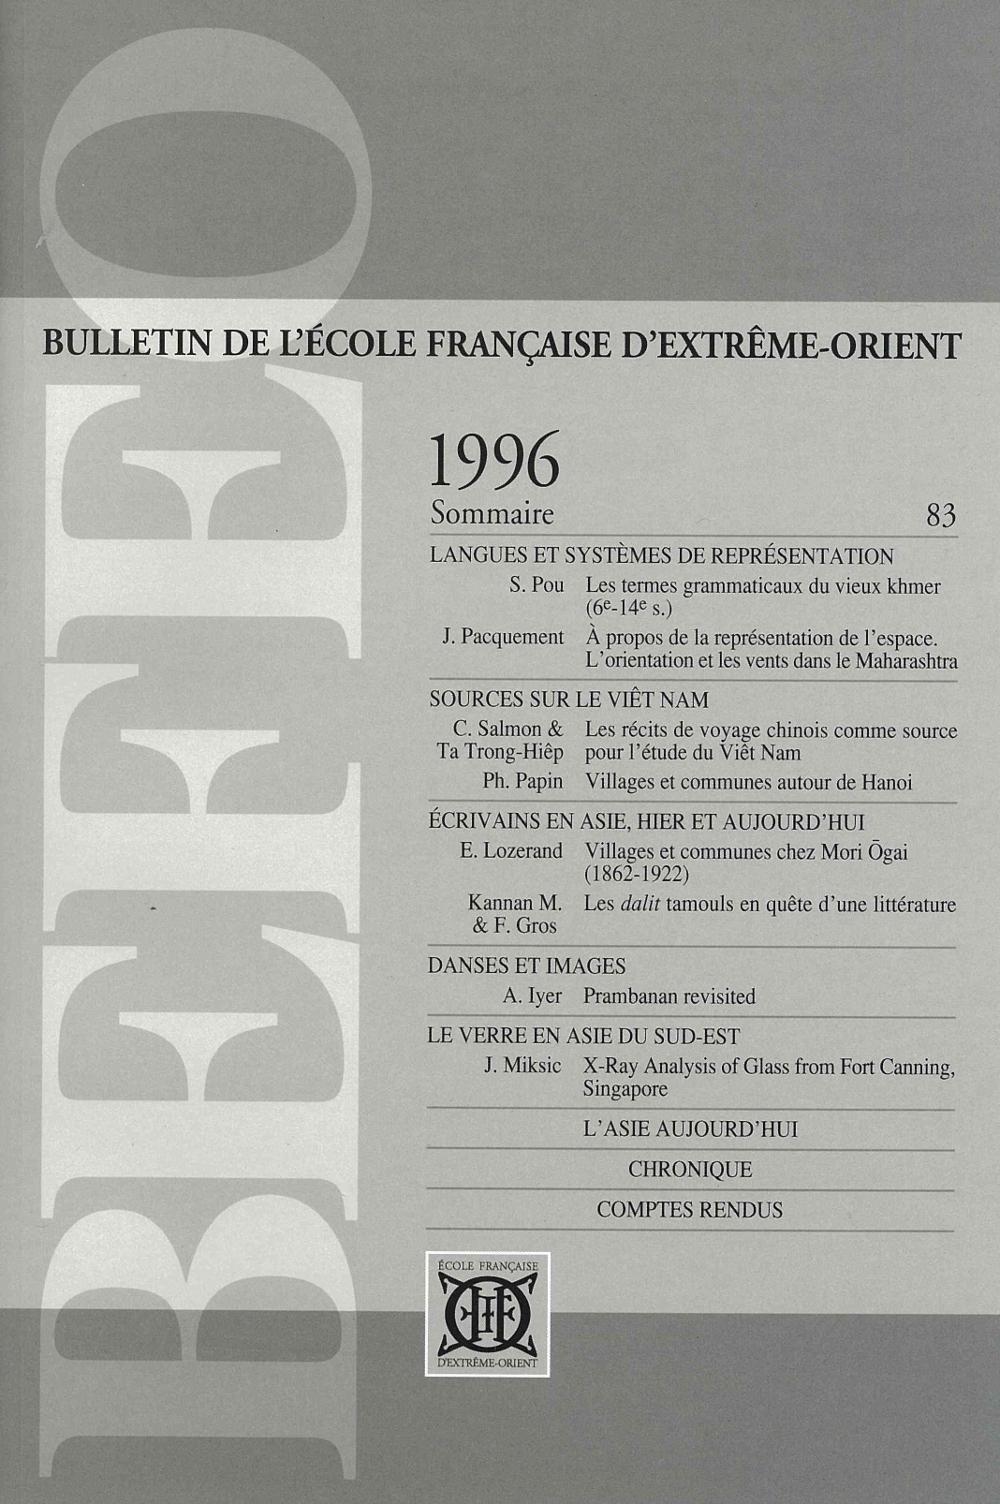 Bulletin de l'Ecole française d'Extrême-Orient  83 (1996)